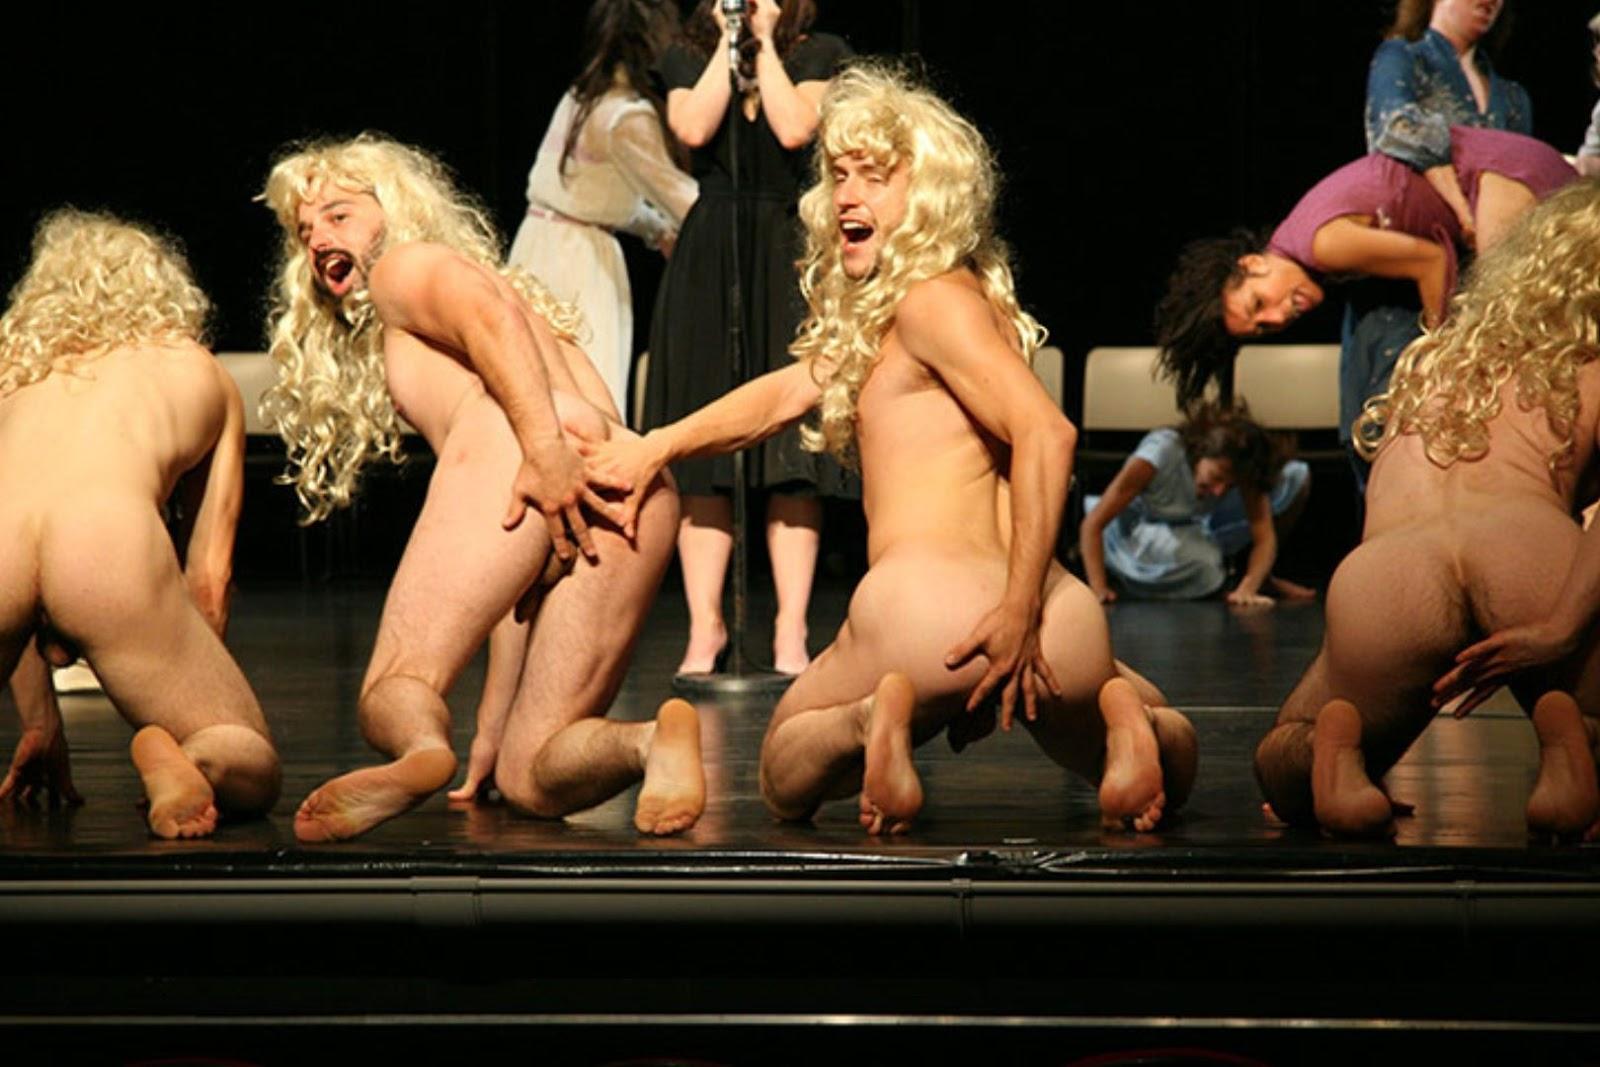 эротический порно спектакль на сцене